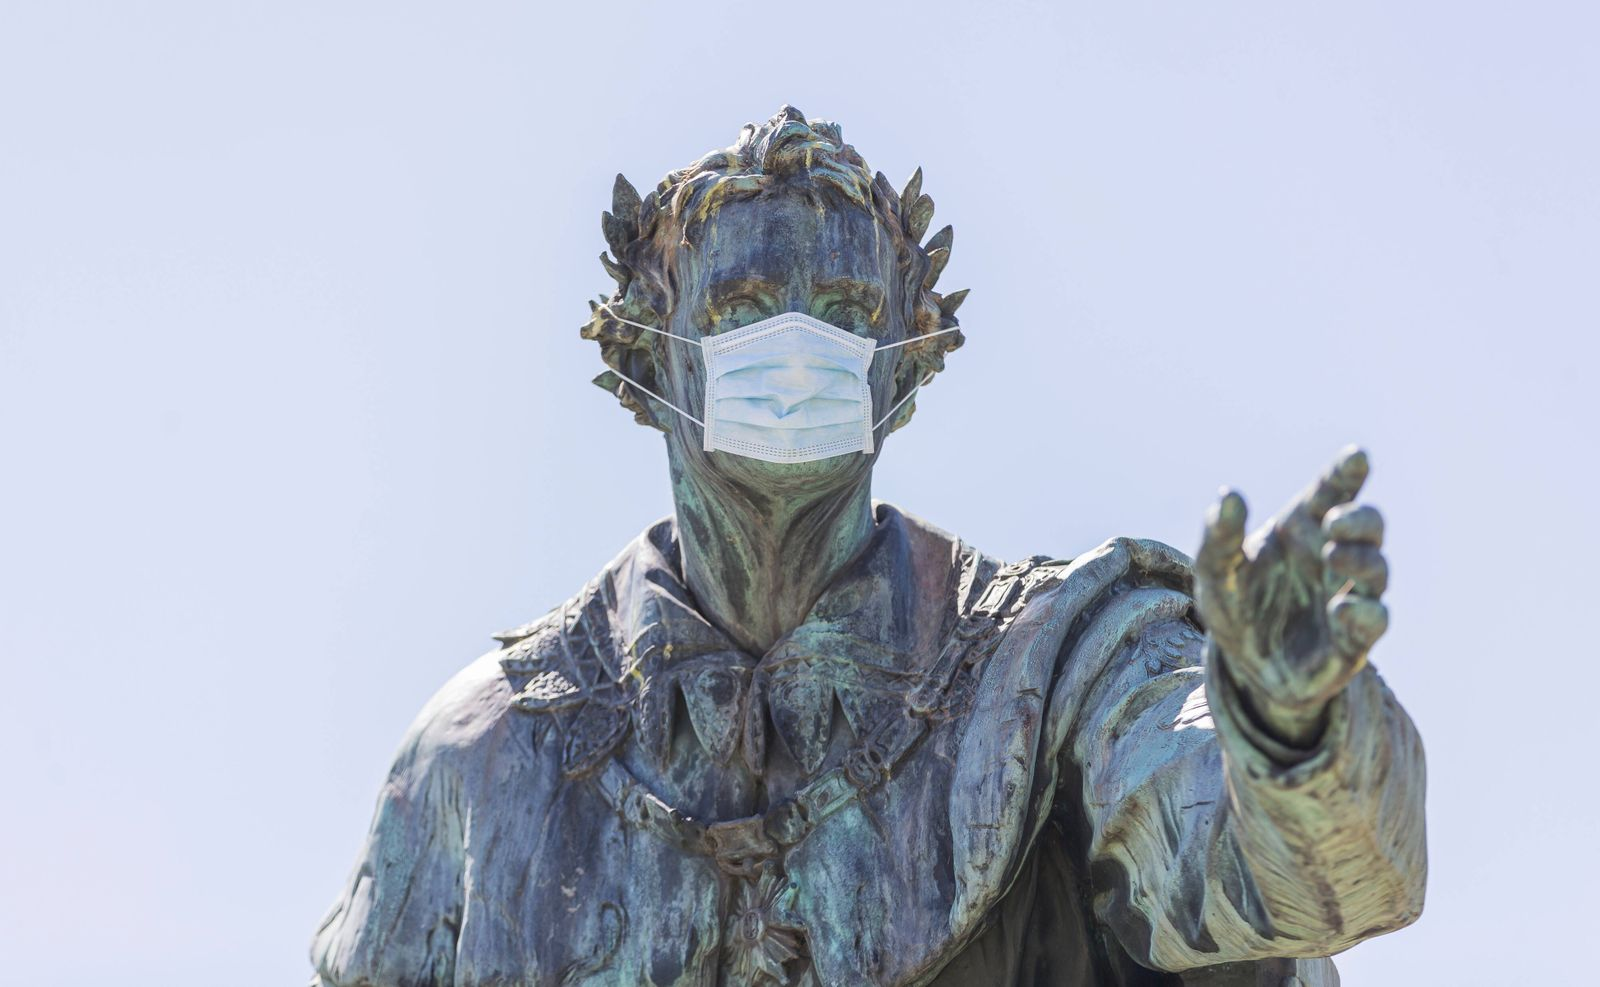 07.05.2020, Maskenpflicht in Deutschland Selbst König Ludwig der I trägt eine Mund-Nasen-Behelfs-Maske. Hier das Denkma